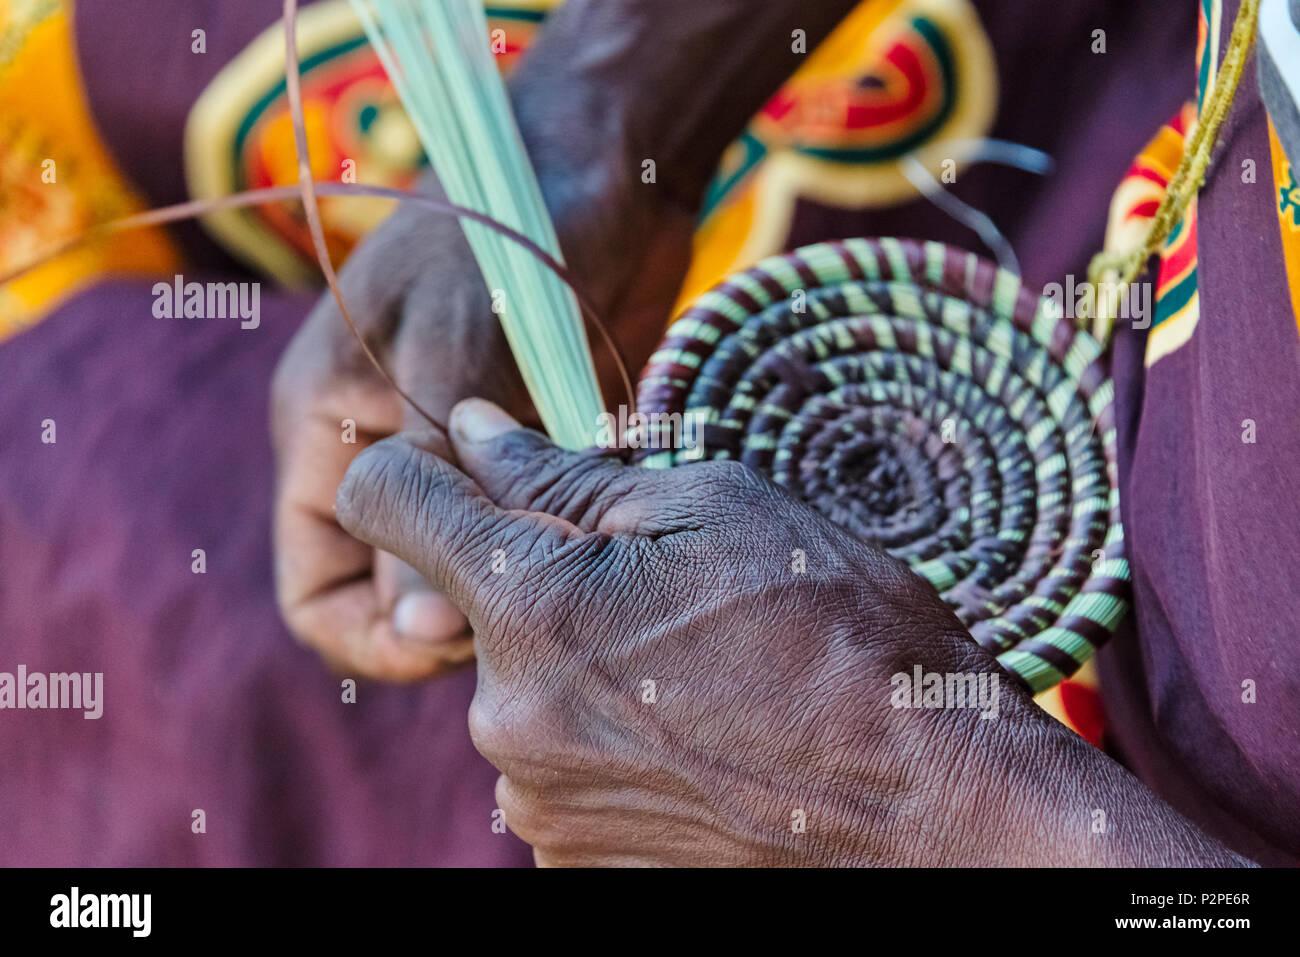 Mbukushu tribe woman weaving grass cushion, Kwando Traditional Village, Zambezi Region, Namibia - Stock Image